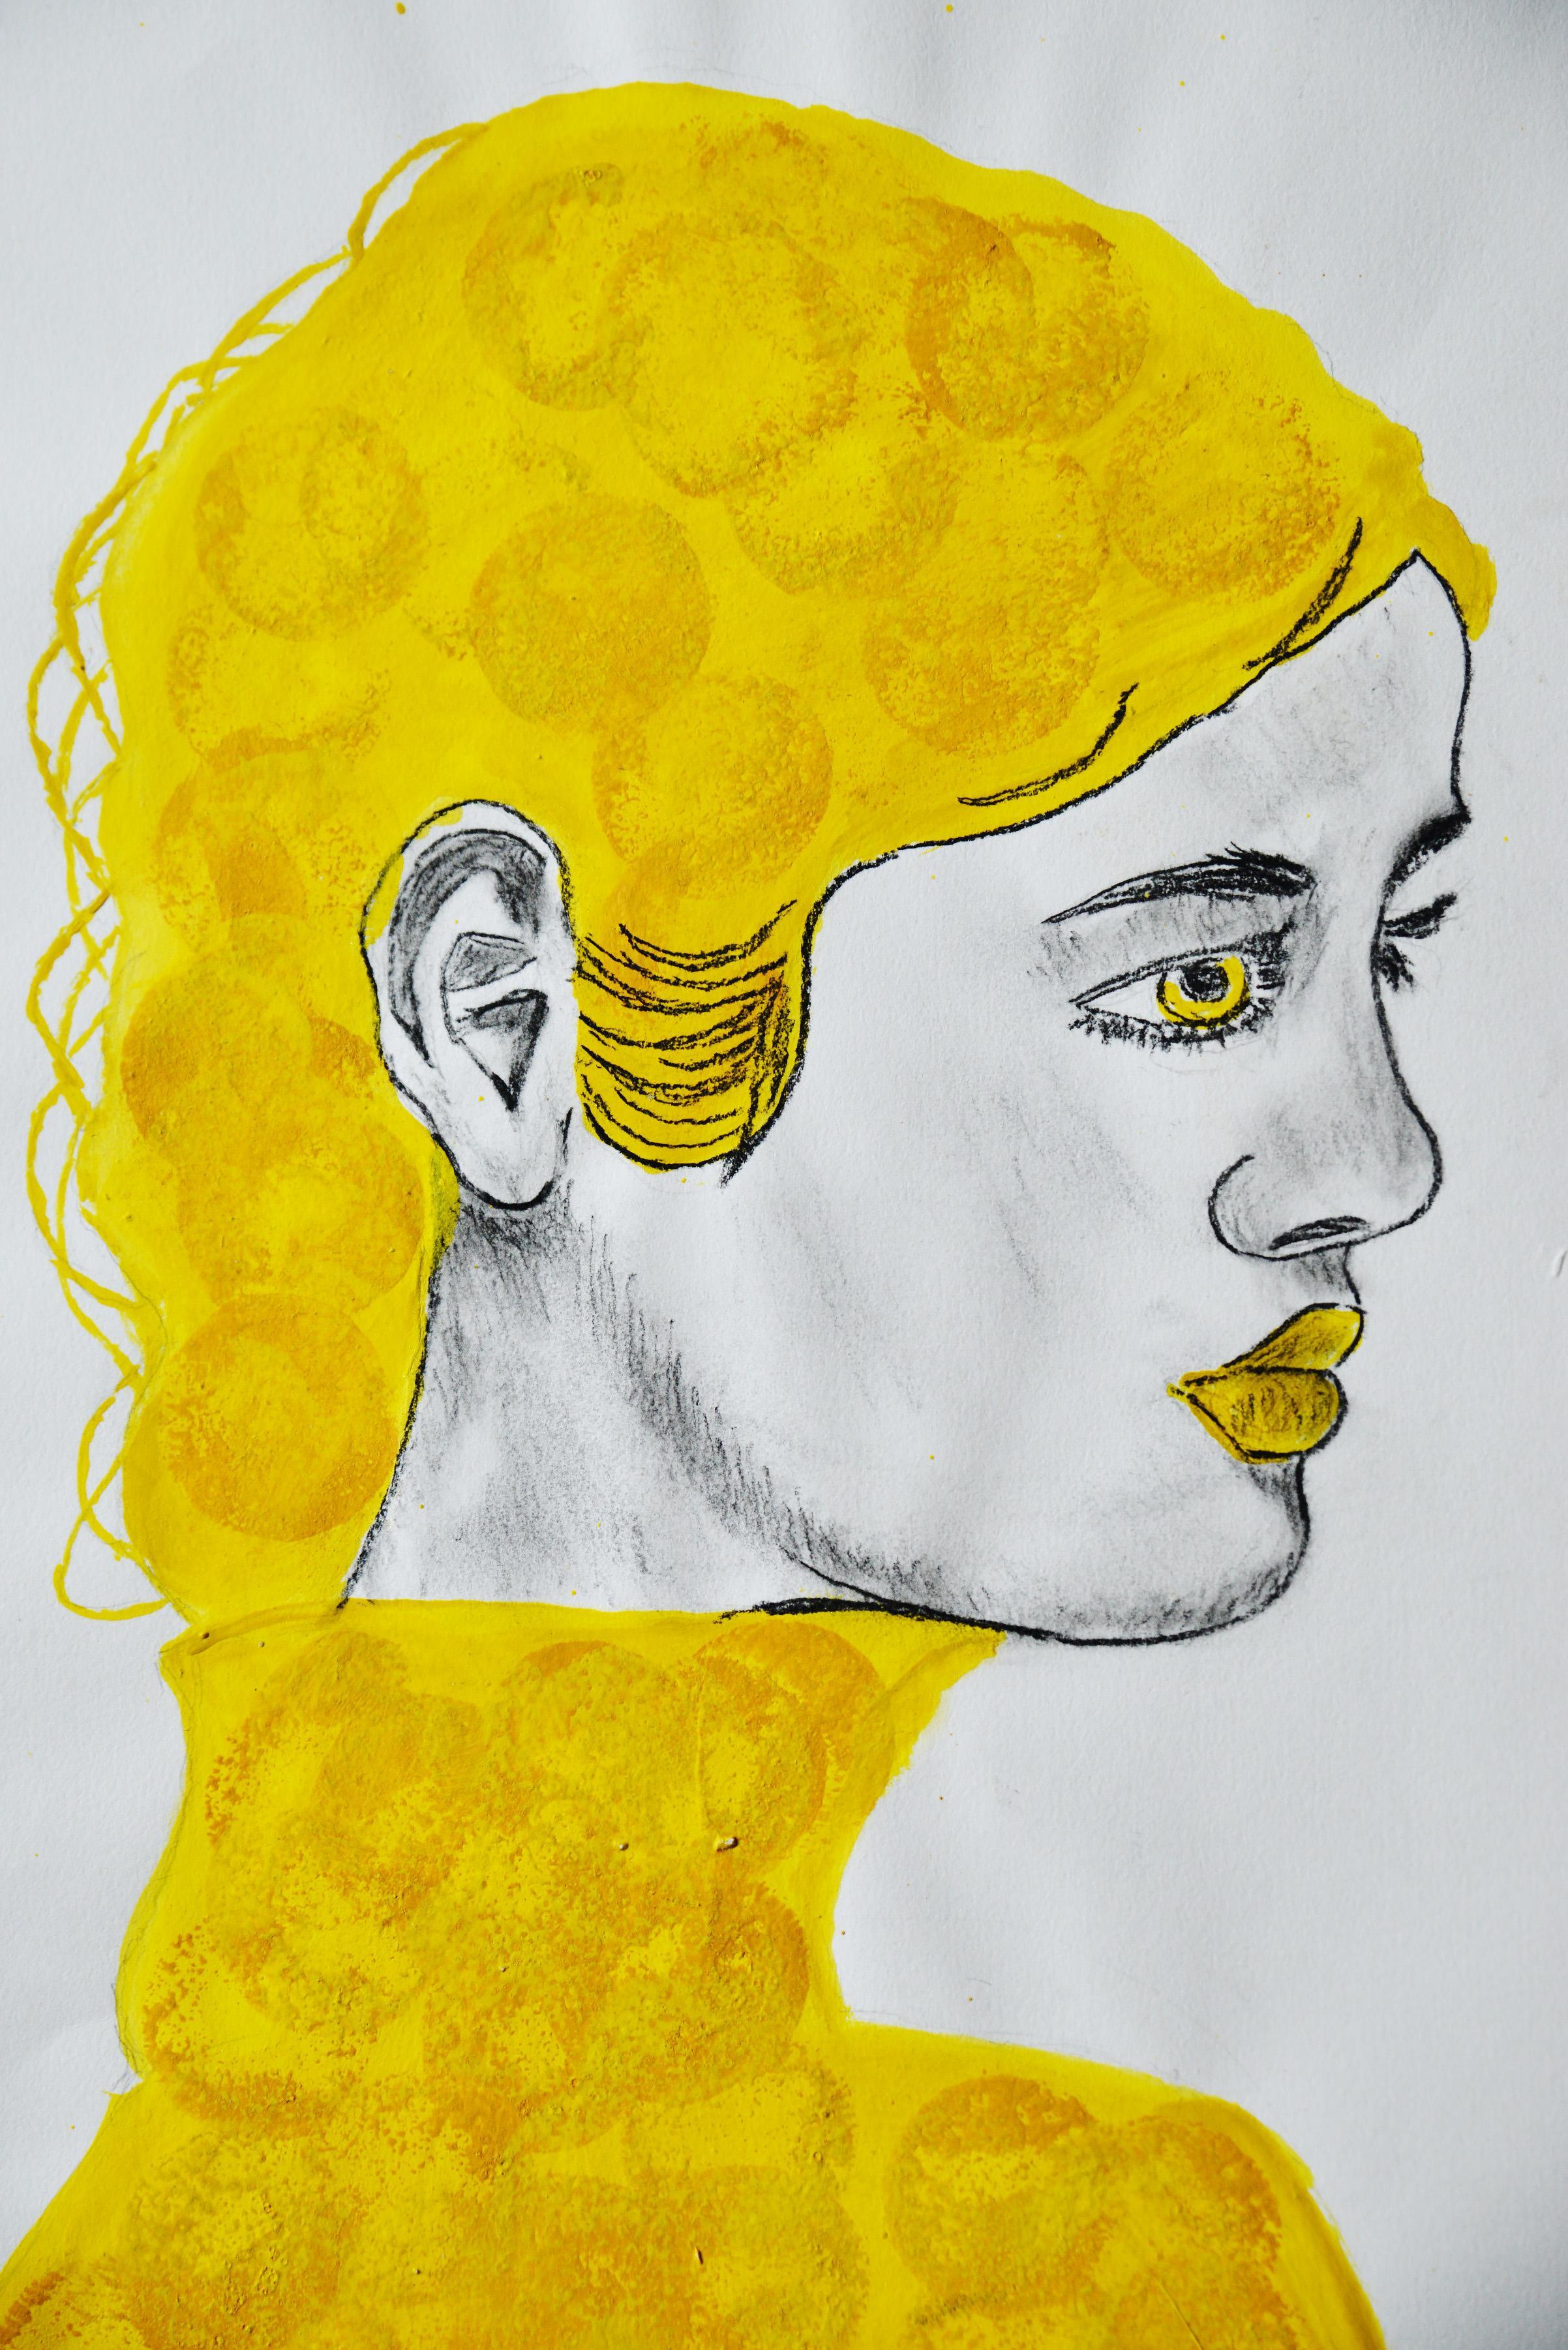 Schwarz, weiß, Gelbes Bild einer Frau